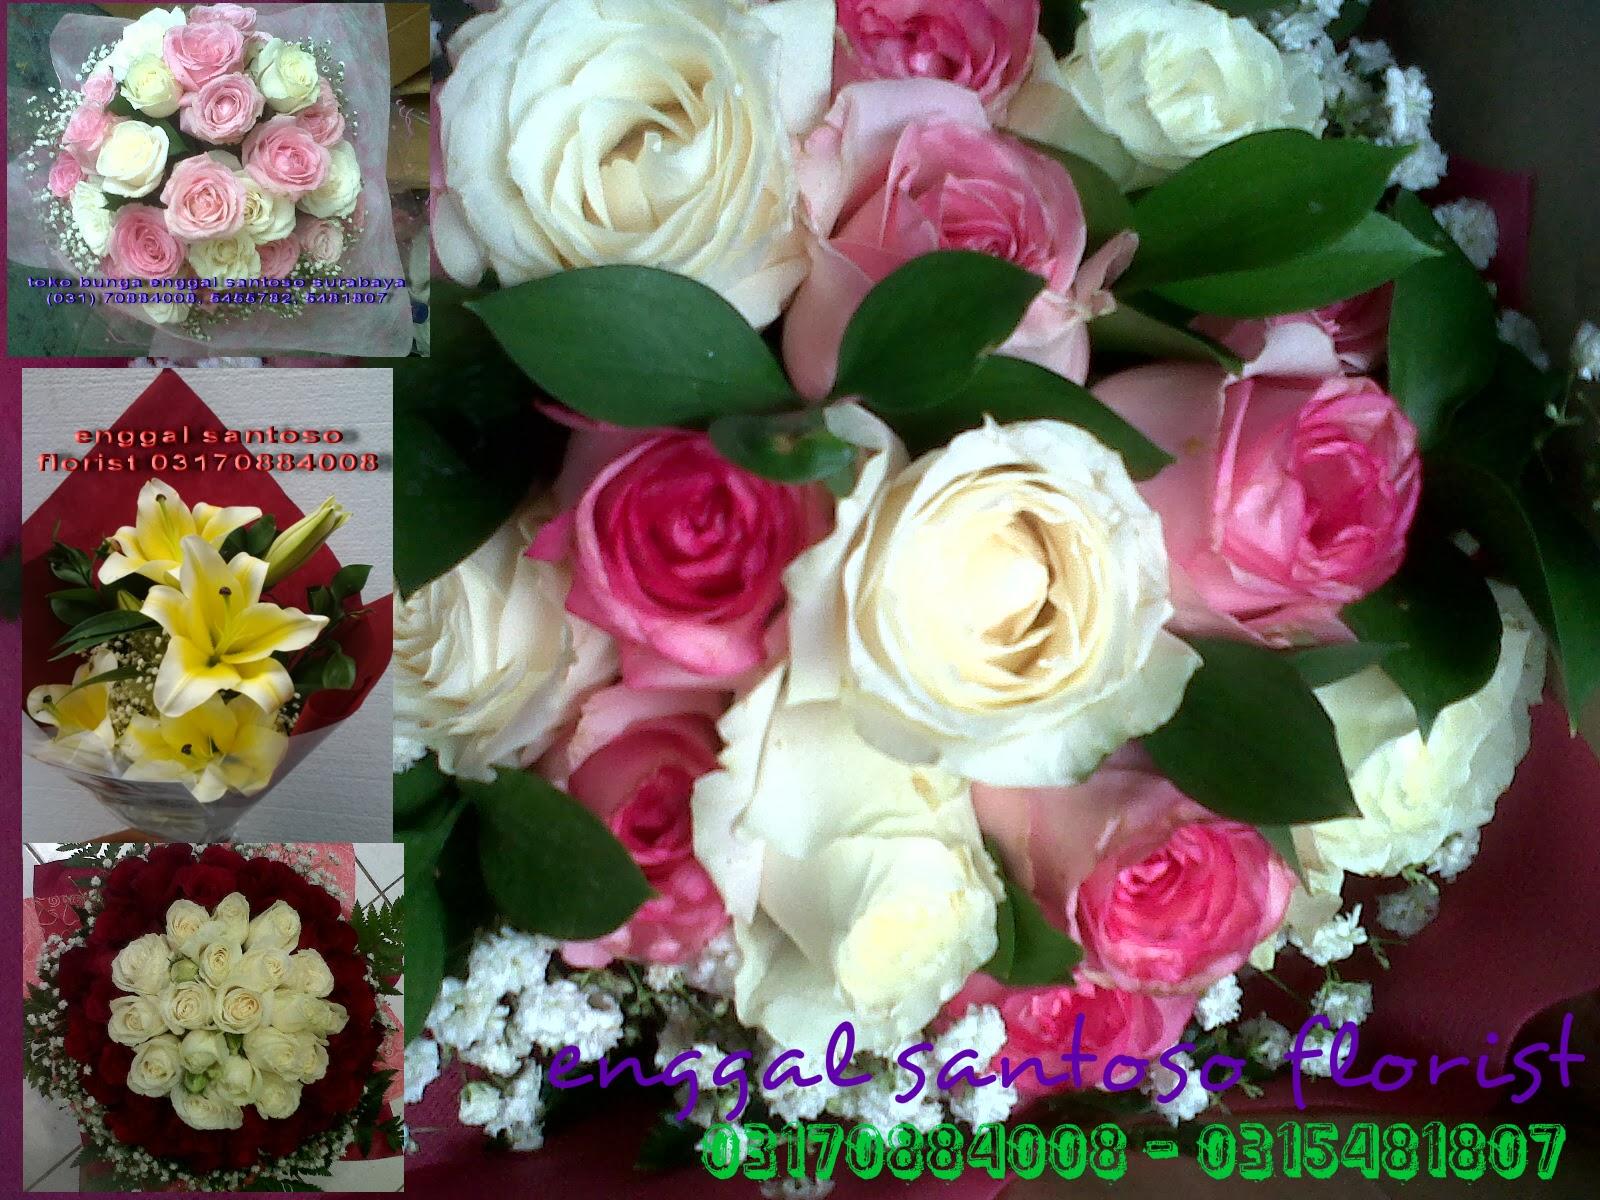 toko+bunga+di+surabaya.jpg